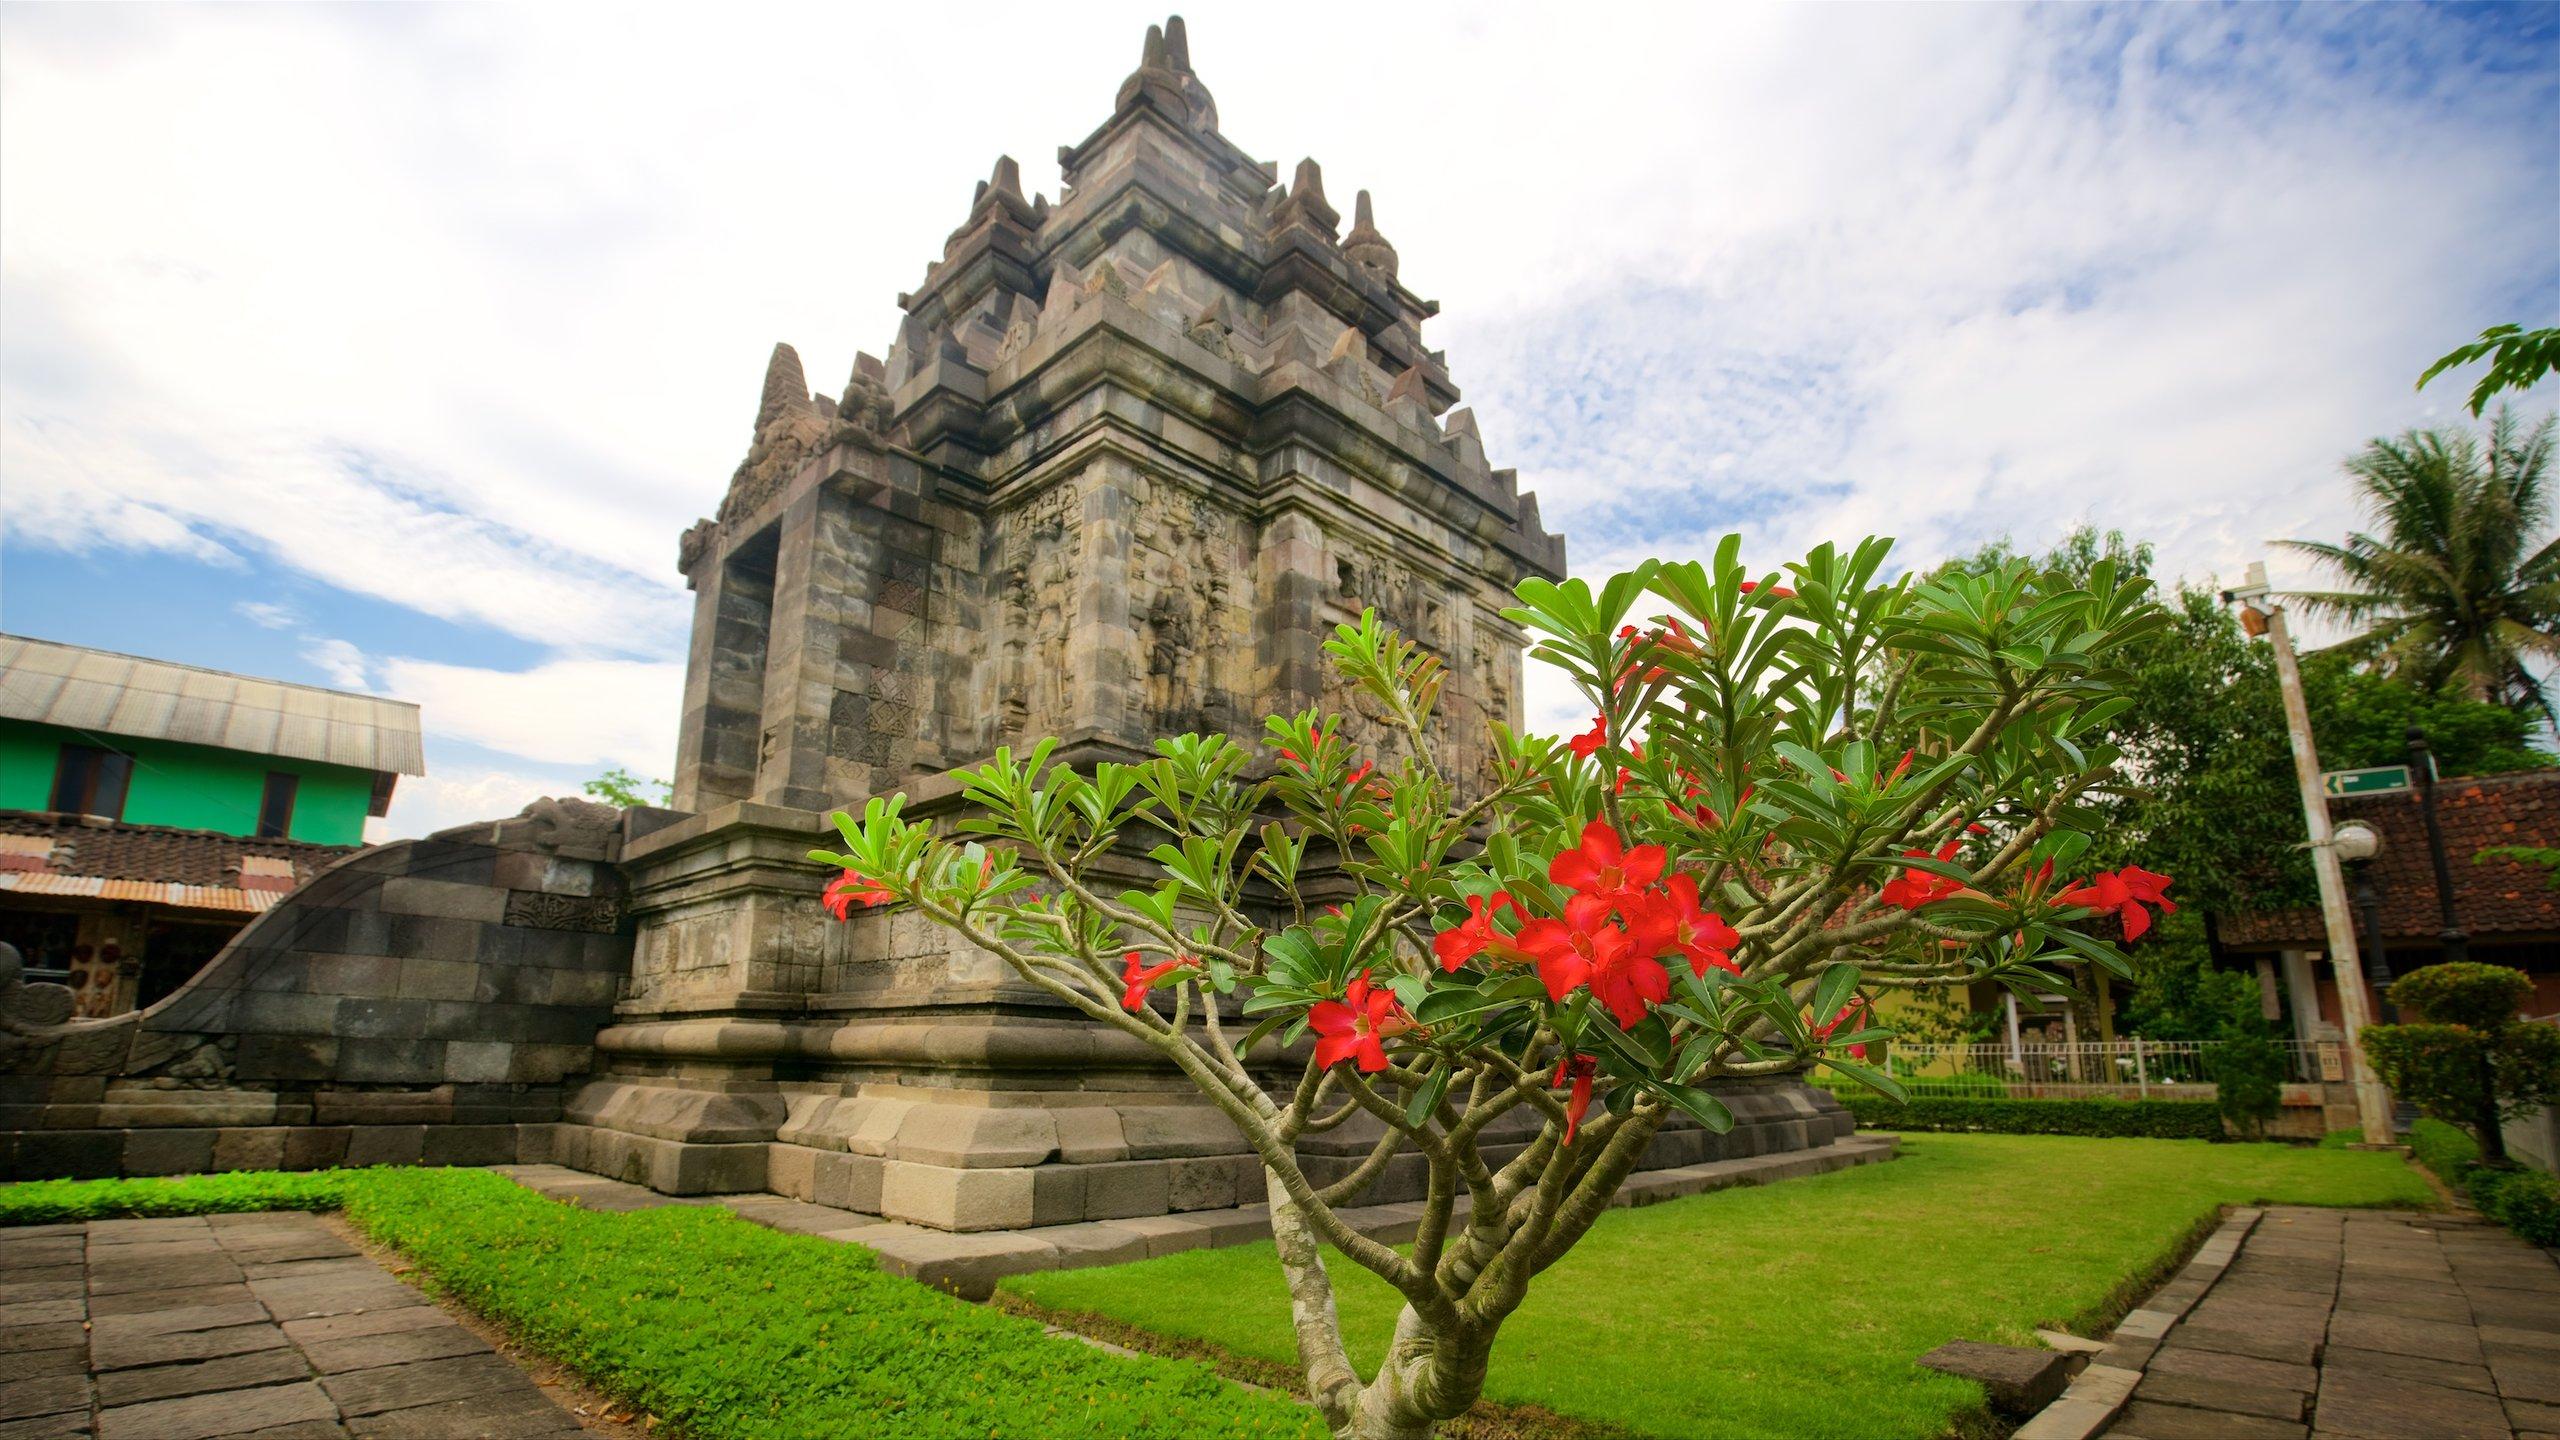 Candi Pawon, Borobudur, Central Java, Indonesia